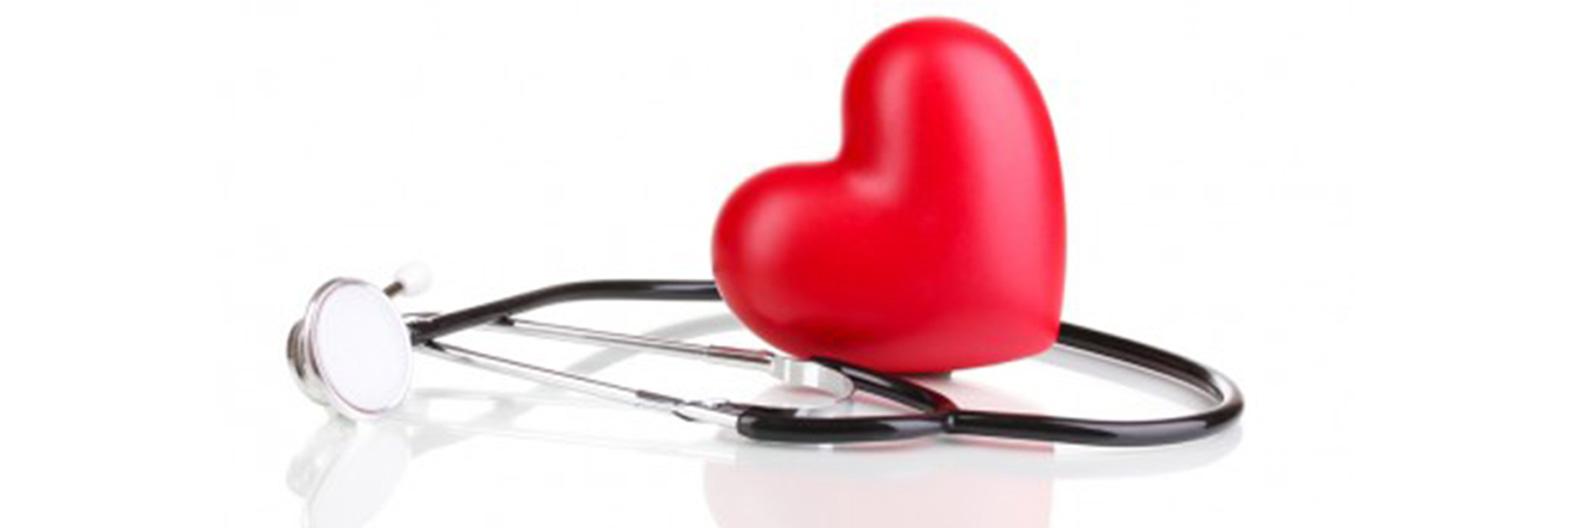 kas yra pirminė hipertenzija hipertenzija Dr. Evdokimenko